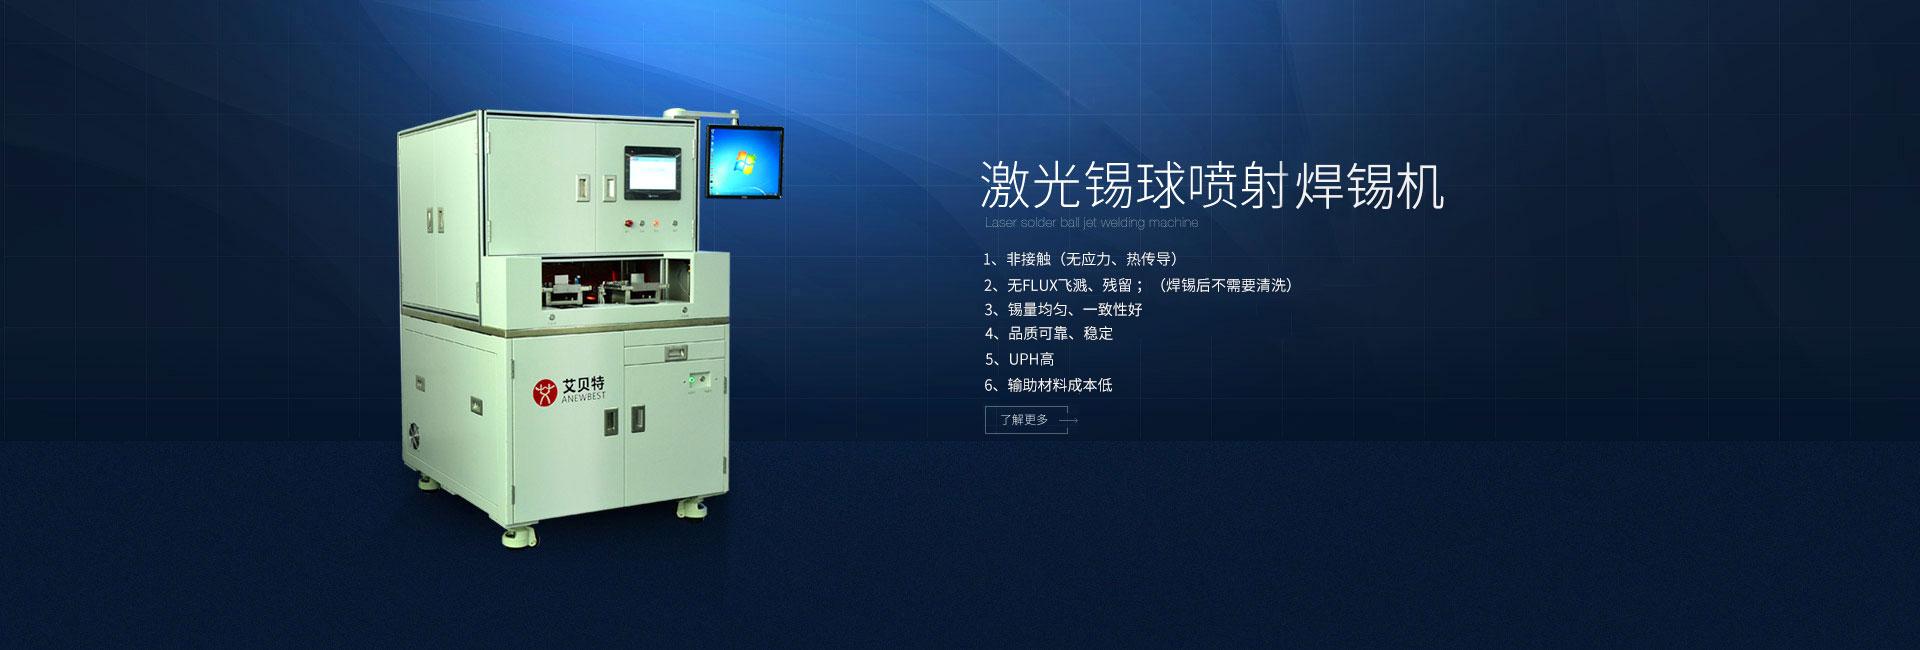 关于激光焊接设备在医疗器械领域中的应用分析